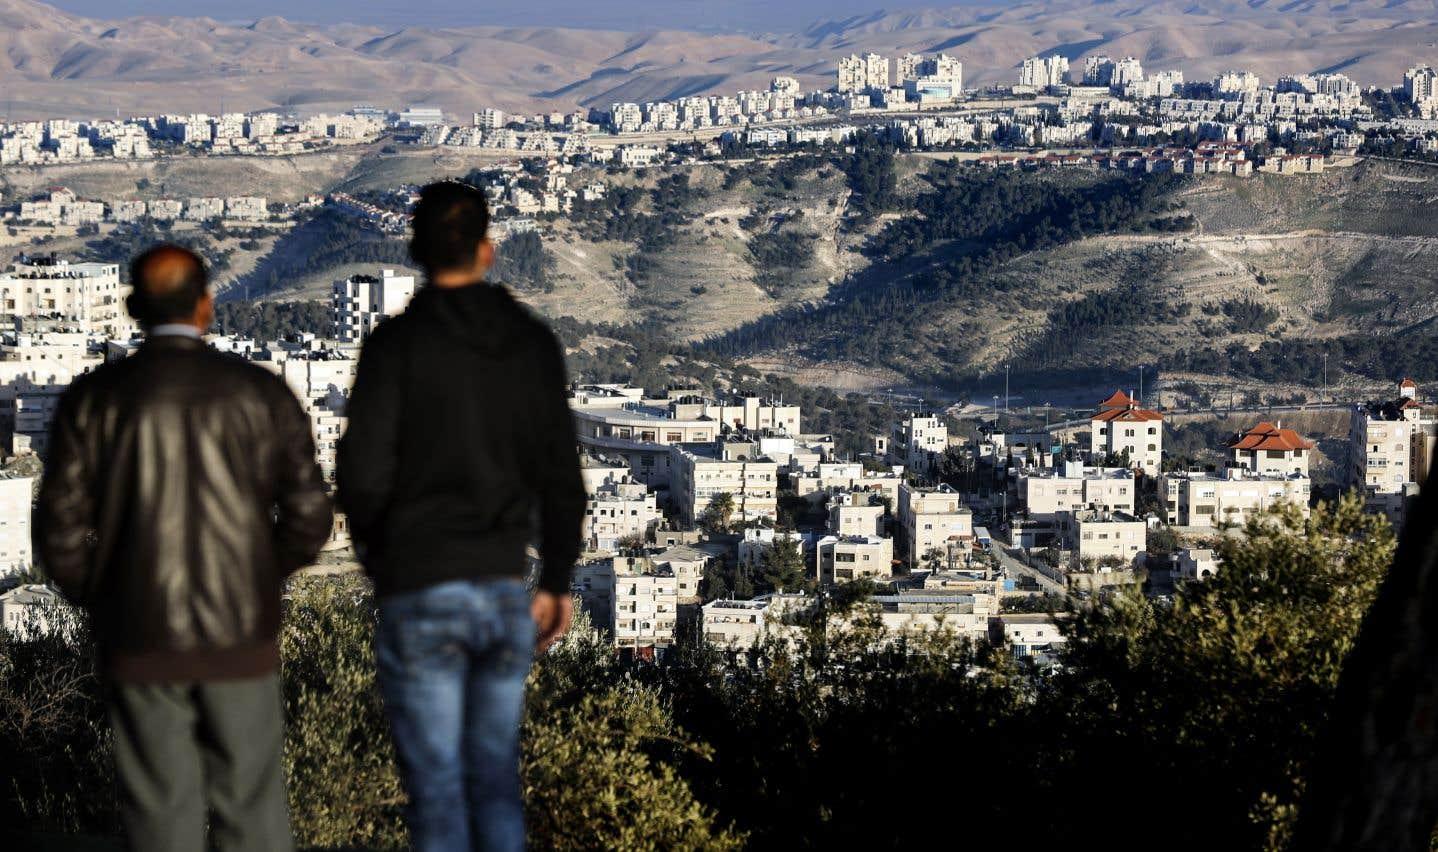 Cisjordanie: Israël approuve plus de 1100 nouveaux logements de colons